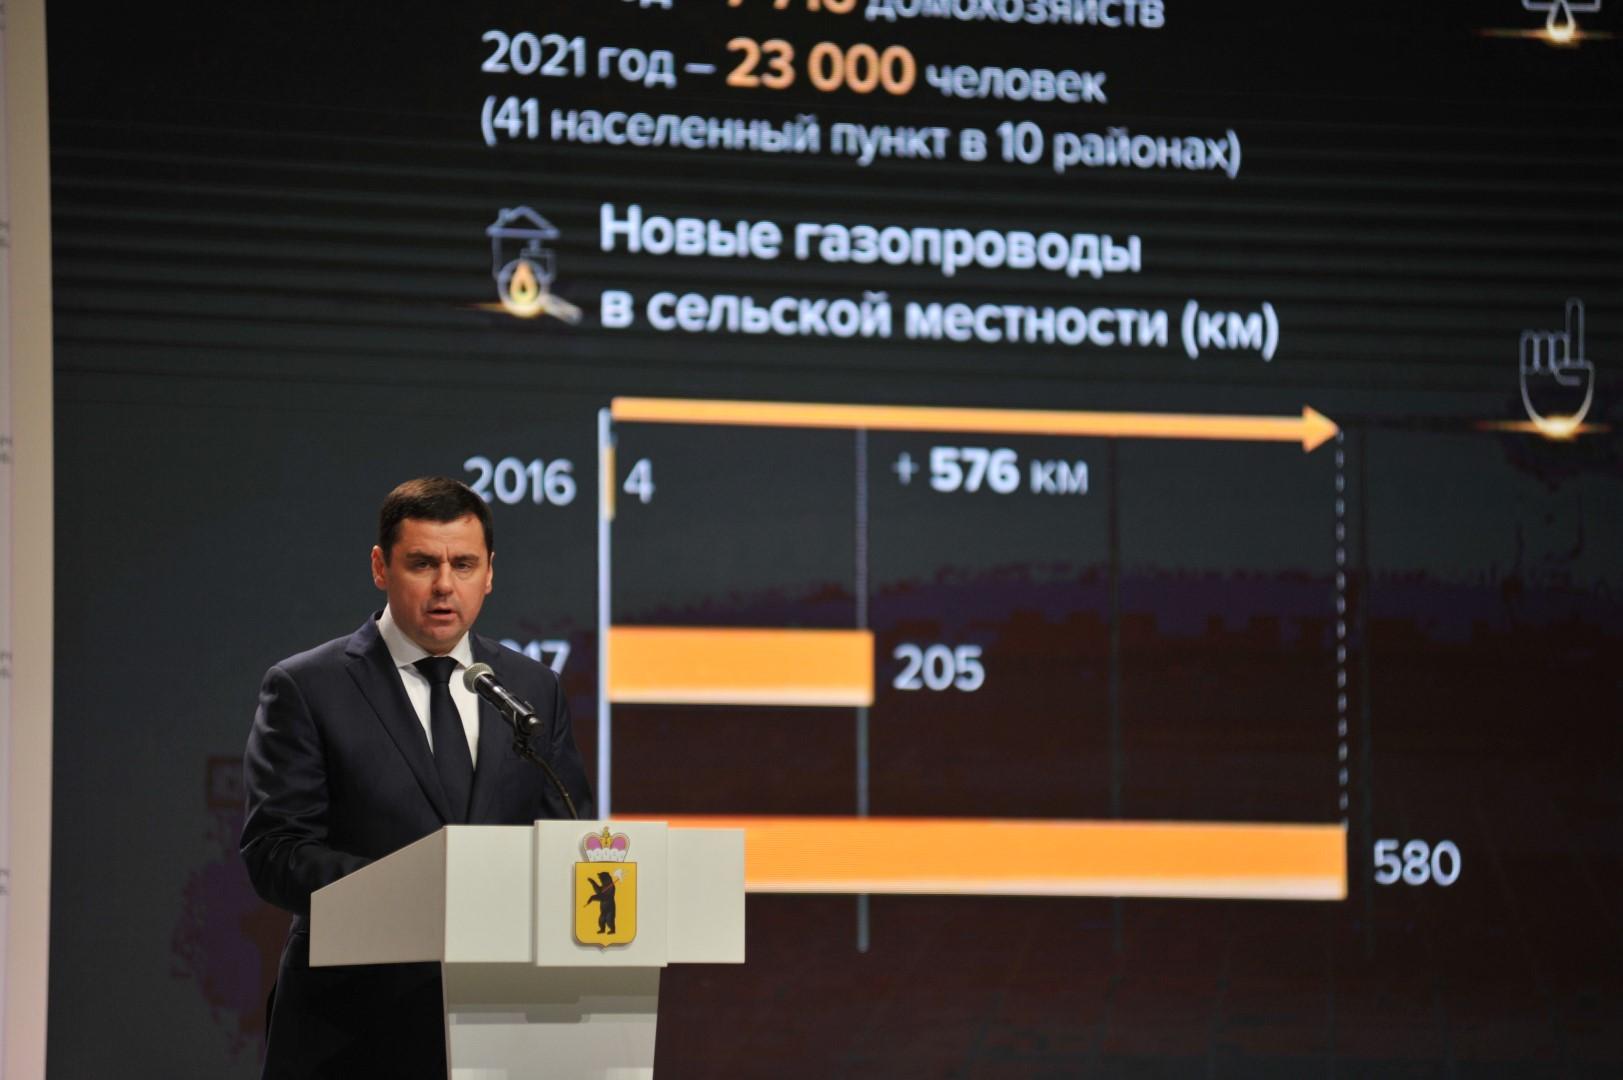 Дмитрий Миронов представил стратегию социально-экономического развития Ярославской области